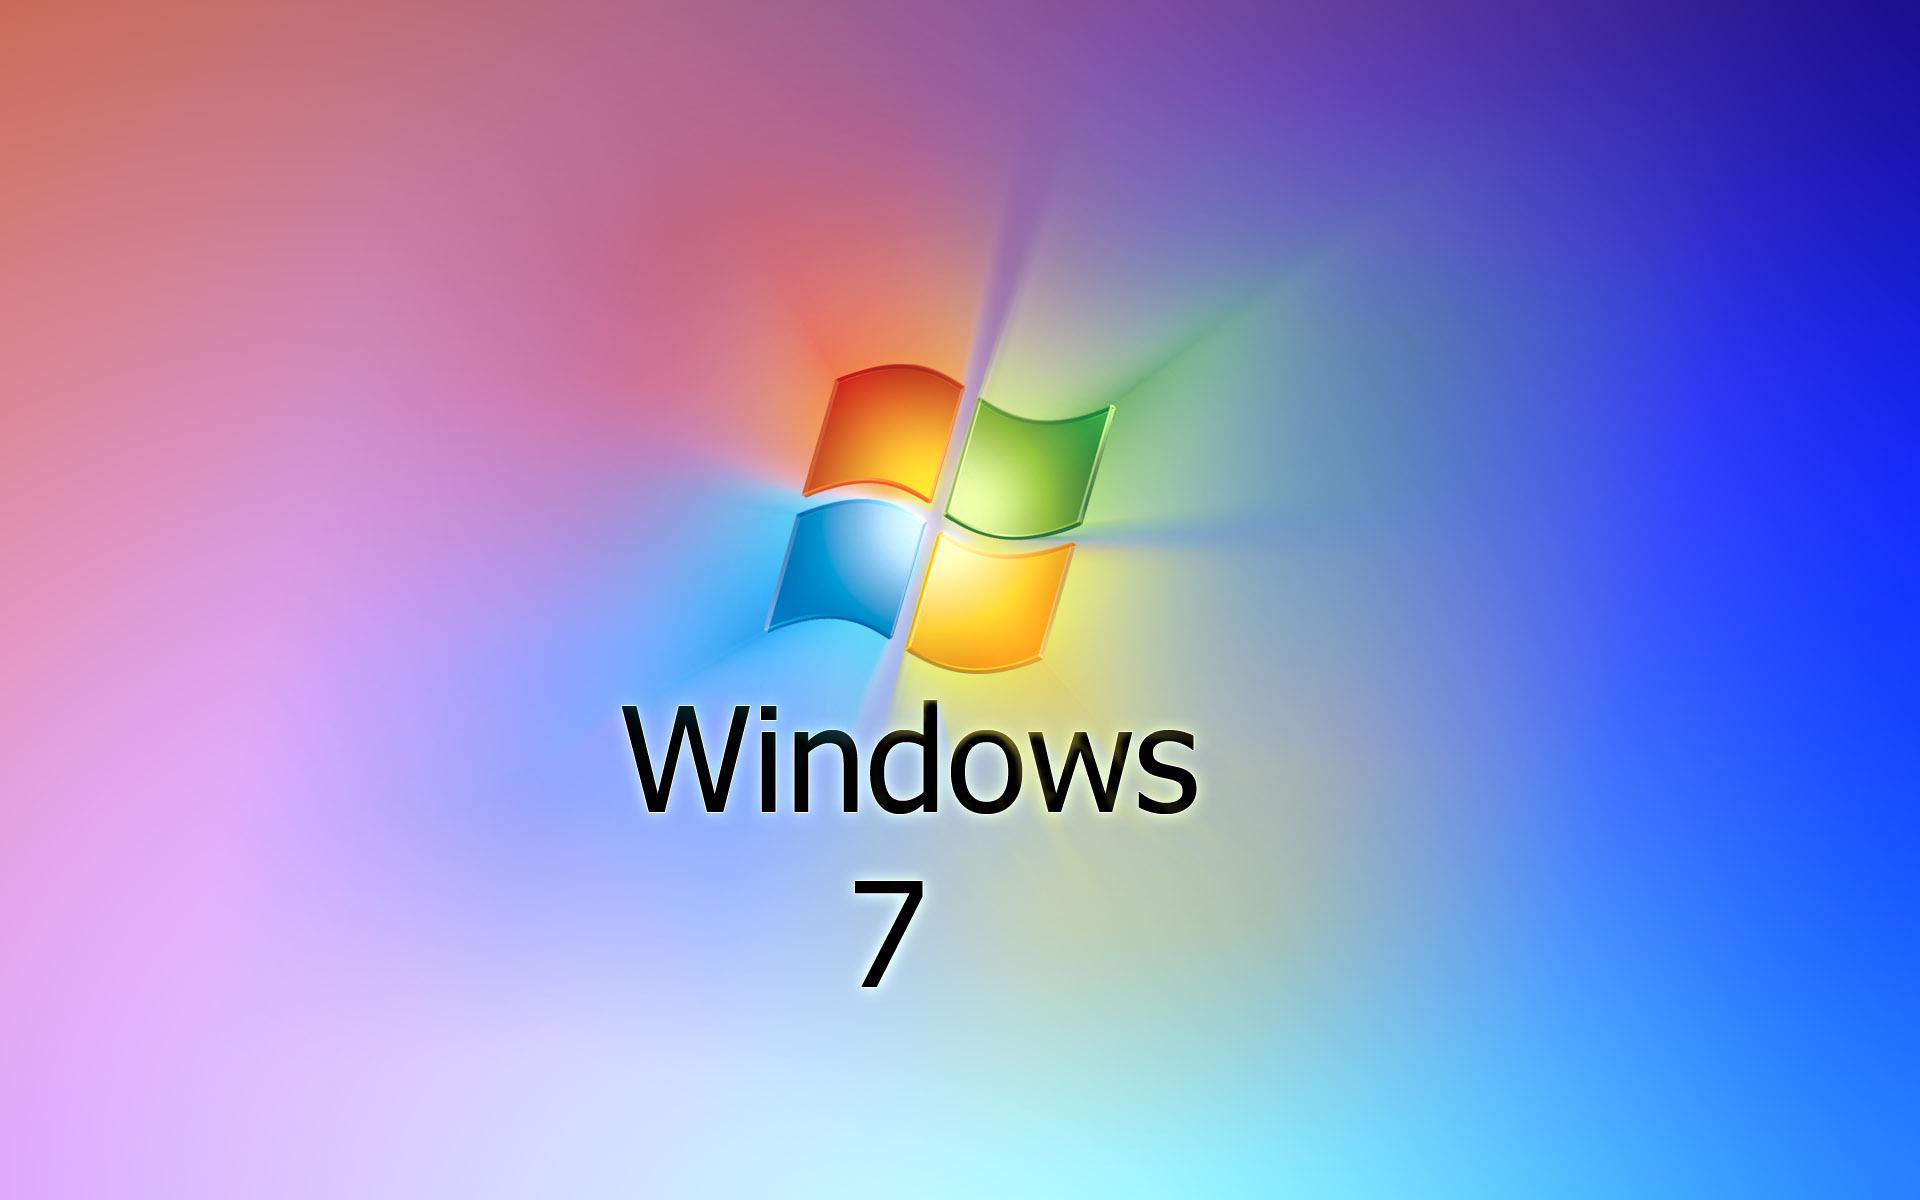 Hd Windows 7 Clipart 1080p.